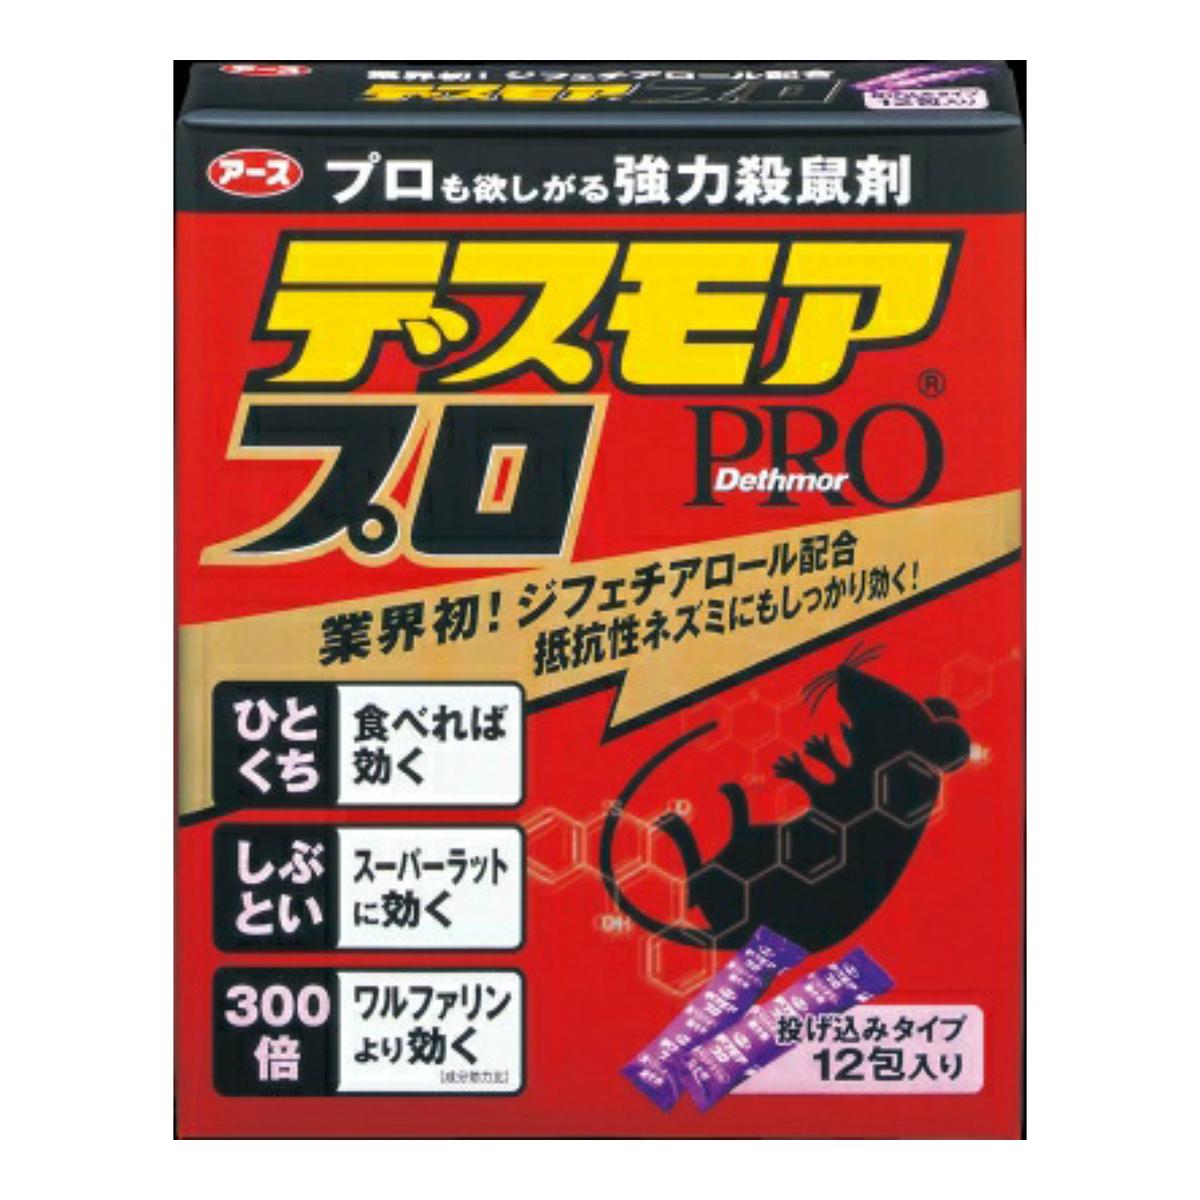 【送料無料】アース製薬 デスモアプロ 投げ込みタイプ 12包入 ( 殺鼠剤 ネズミ駆除 ) ×20点セット まとめ買い特価!ケース販売 ( 4901080053312 )